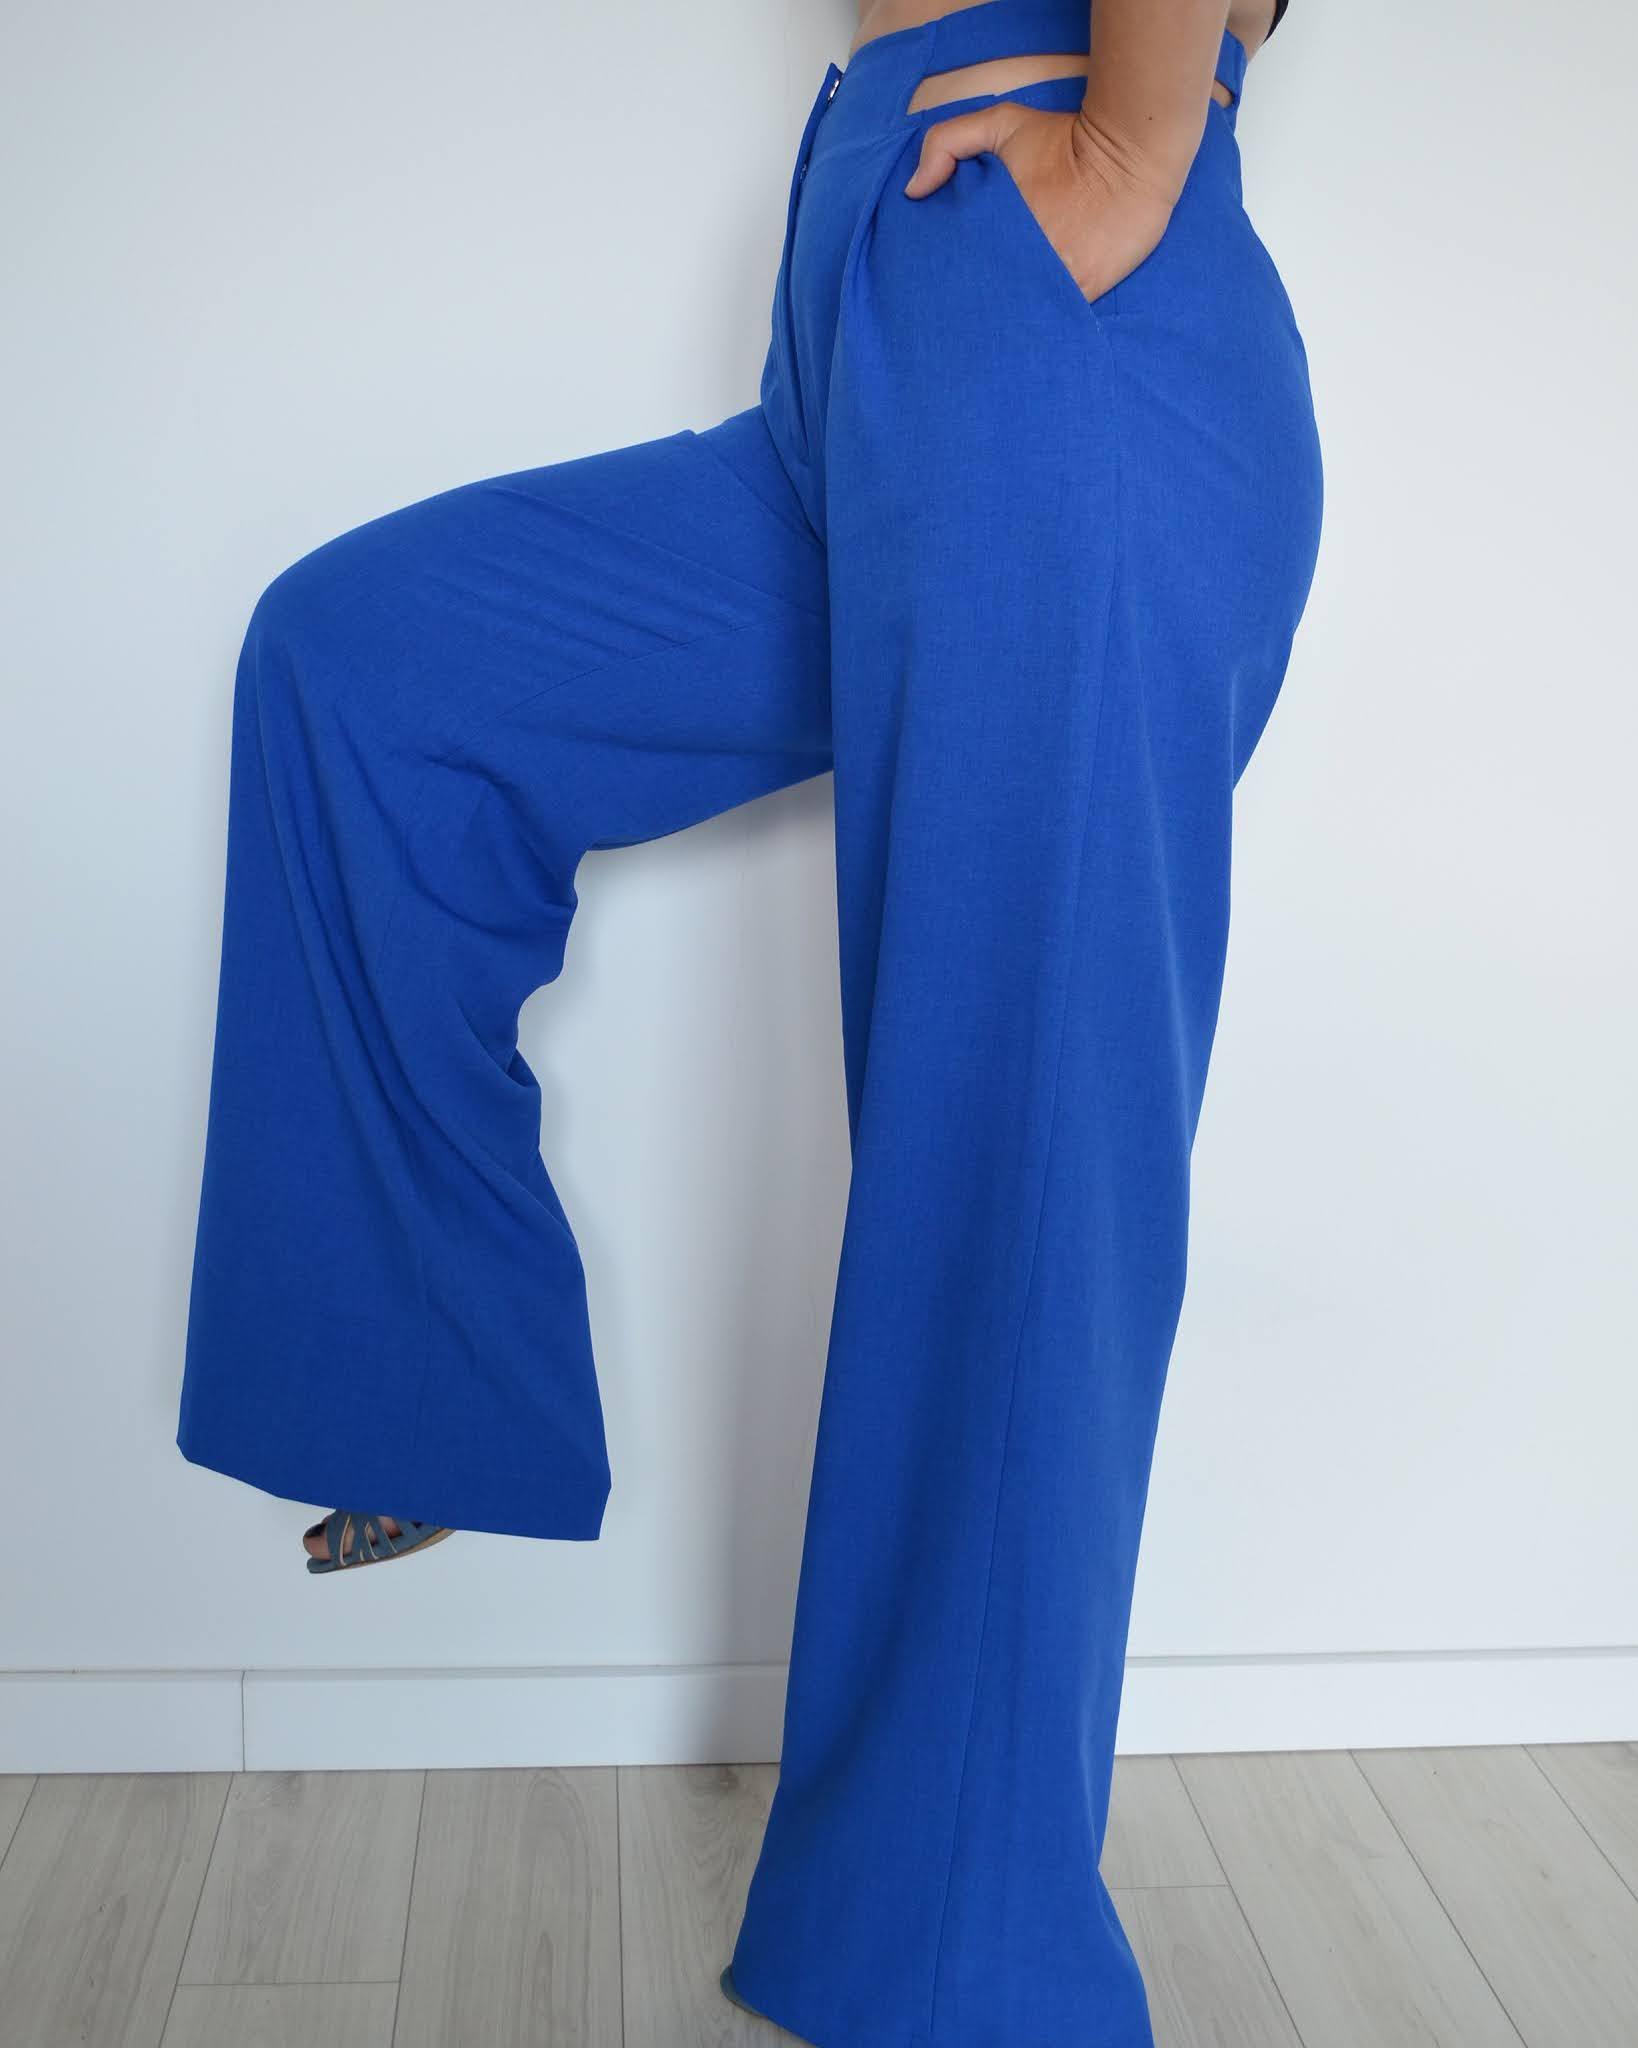 moda;fashion;www.adriana-style.com;szerokie lniane spodnie laurella;letnie lniane spodnie;damskie lniane spodnie;szeroka nogawka;@adrianastyle_stylist;polska marka odzieżowa;wspieram polskie marki;ubrania szyte w Polsce;